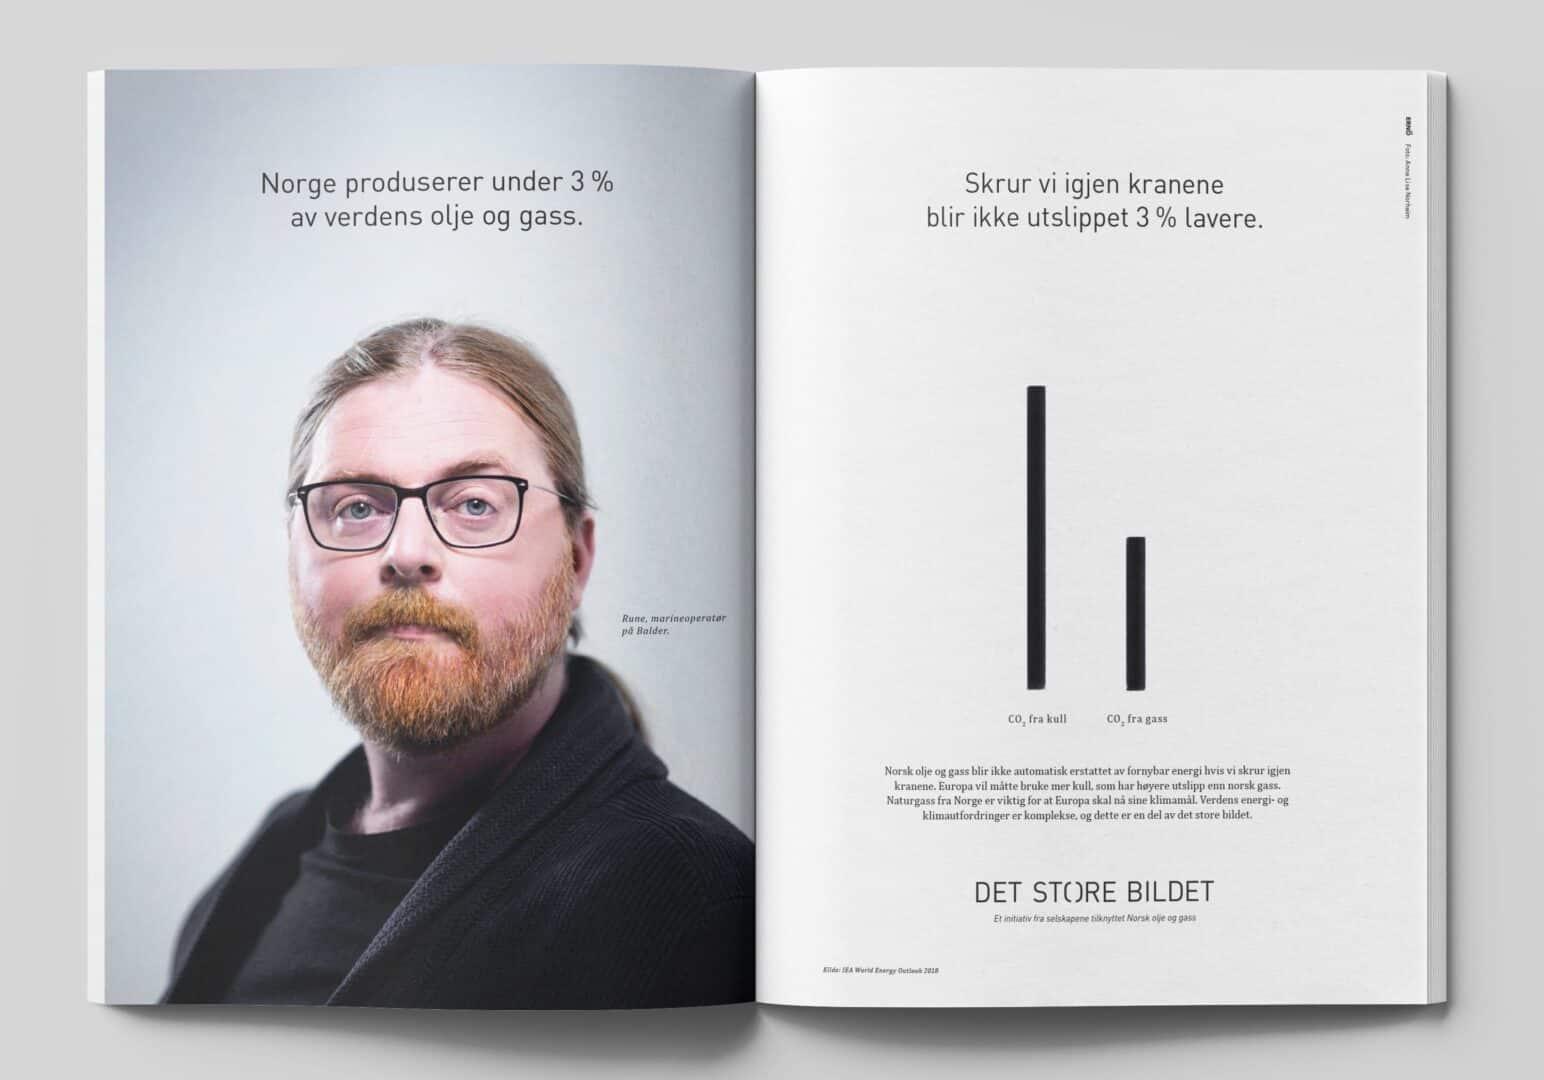 Magasinoppslag med annonse for kampanjen Det Store Bildet